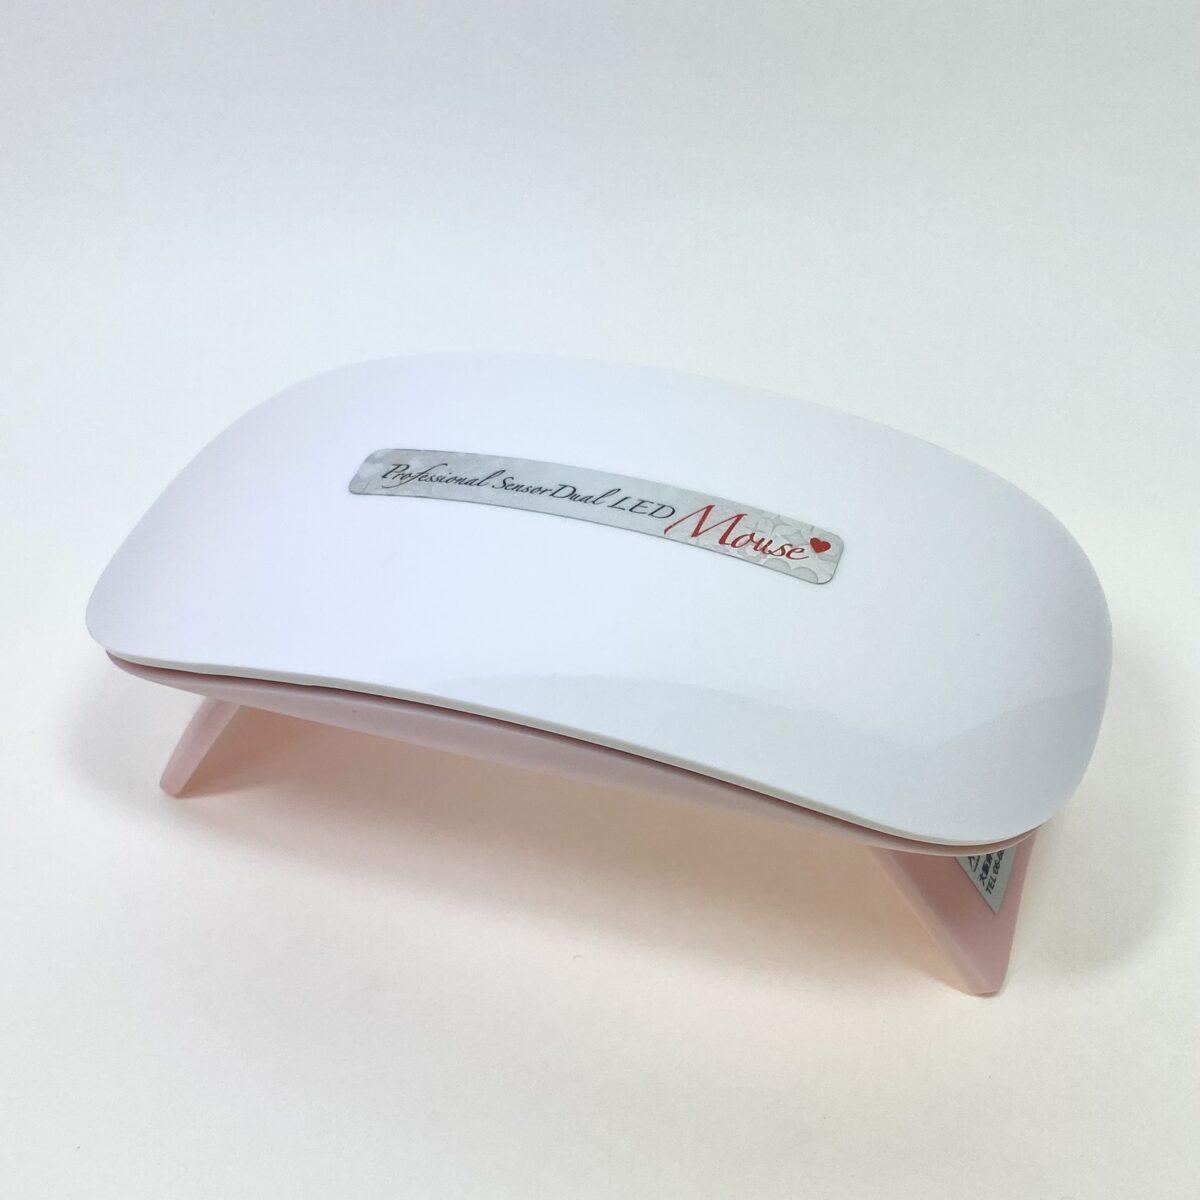 プロフェッショナルデュアルLED Mouse